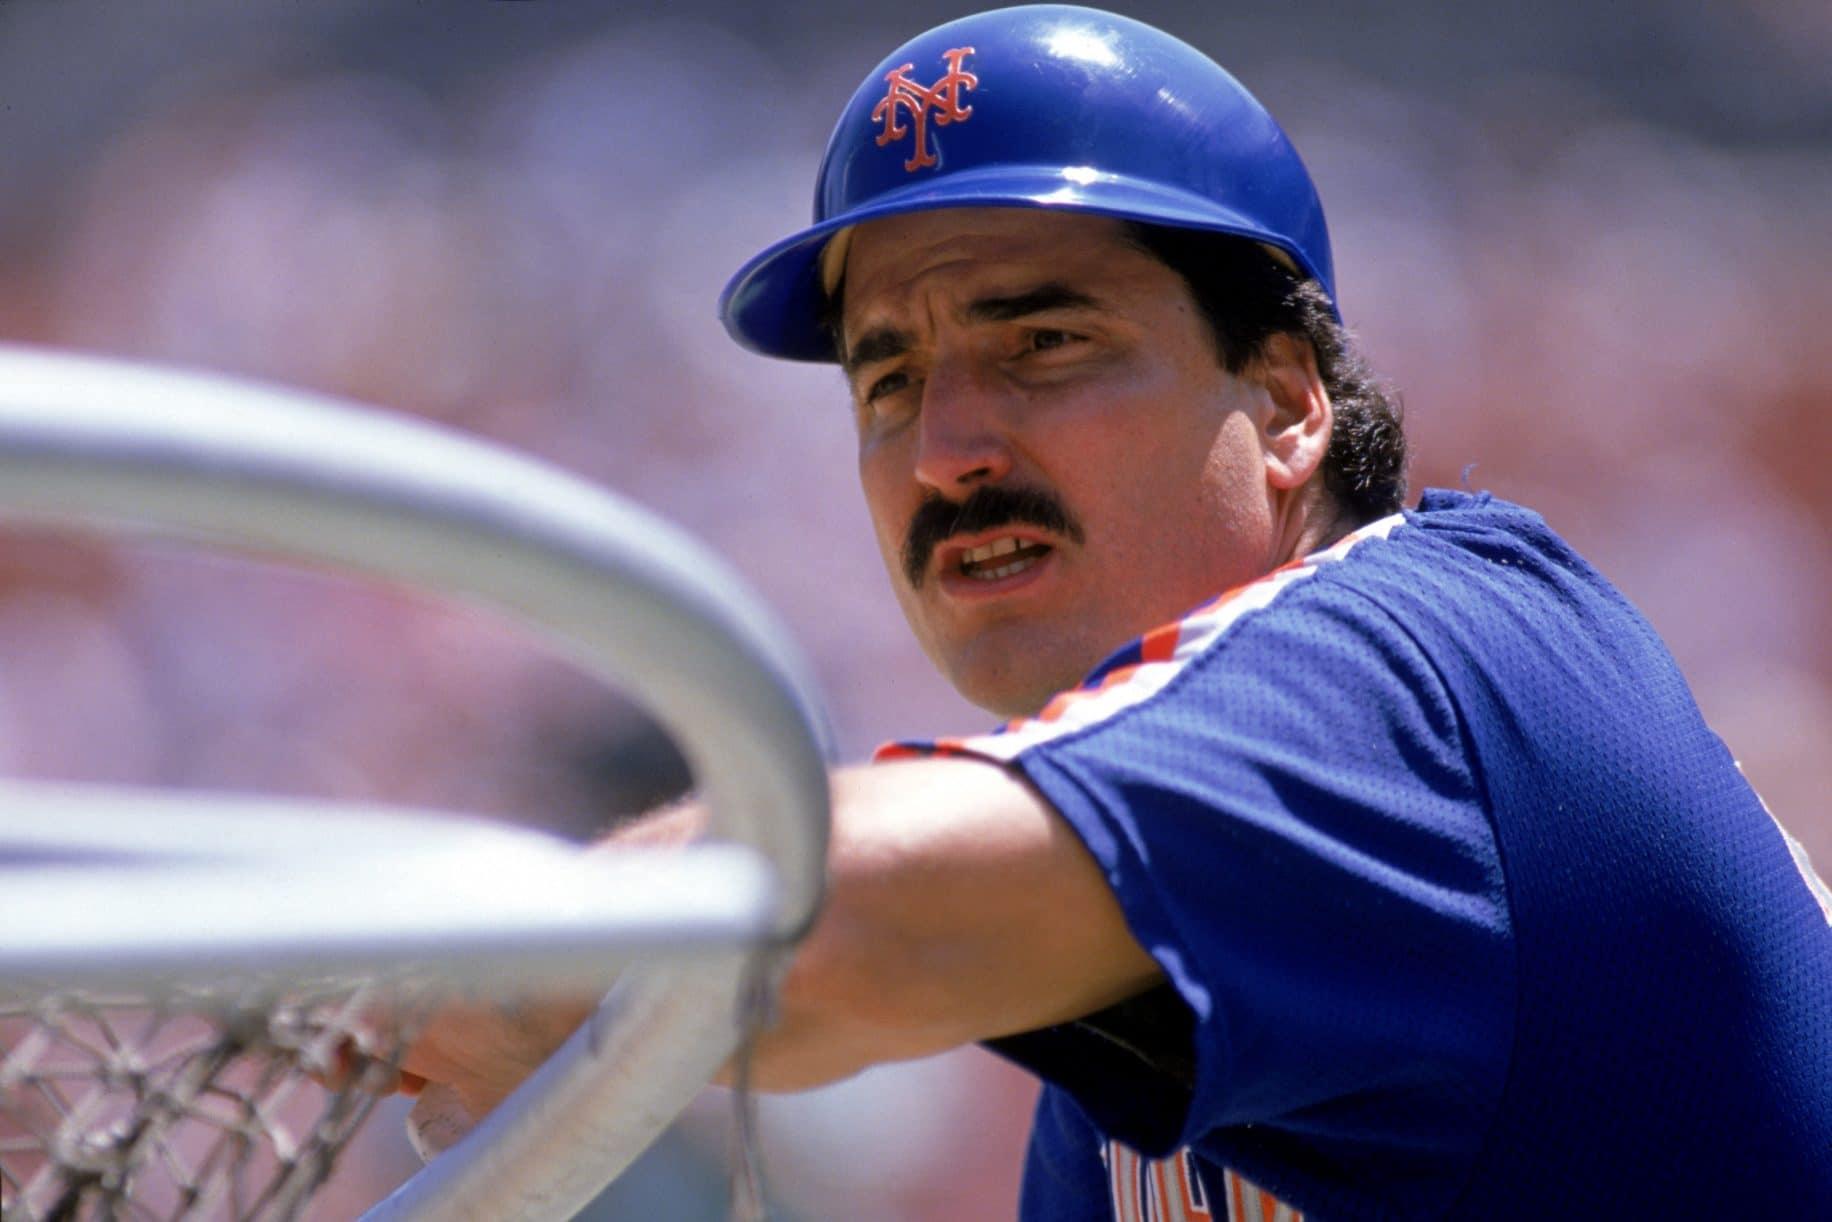 Keith Hernandez, New York Mets, MLB